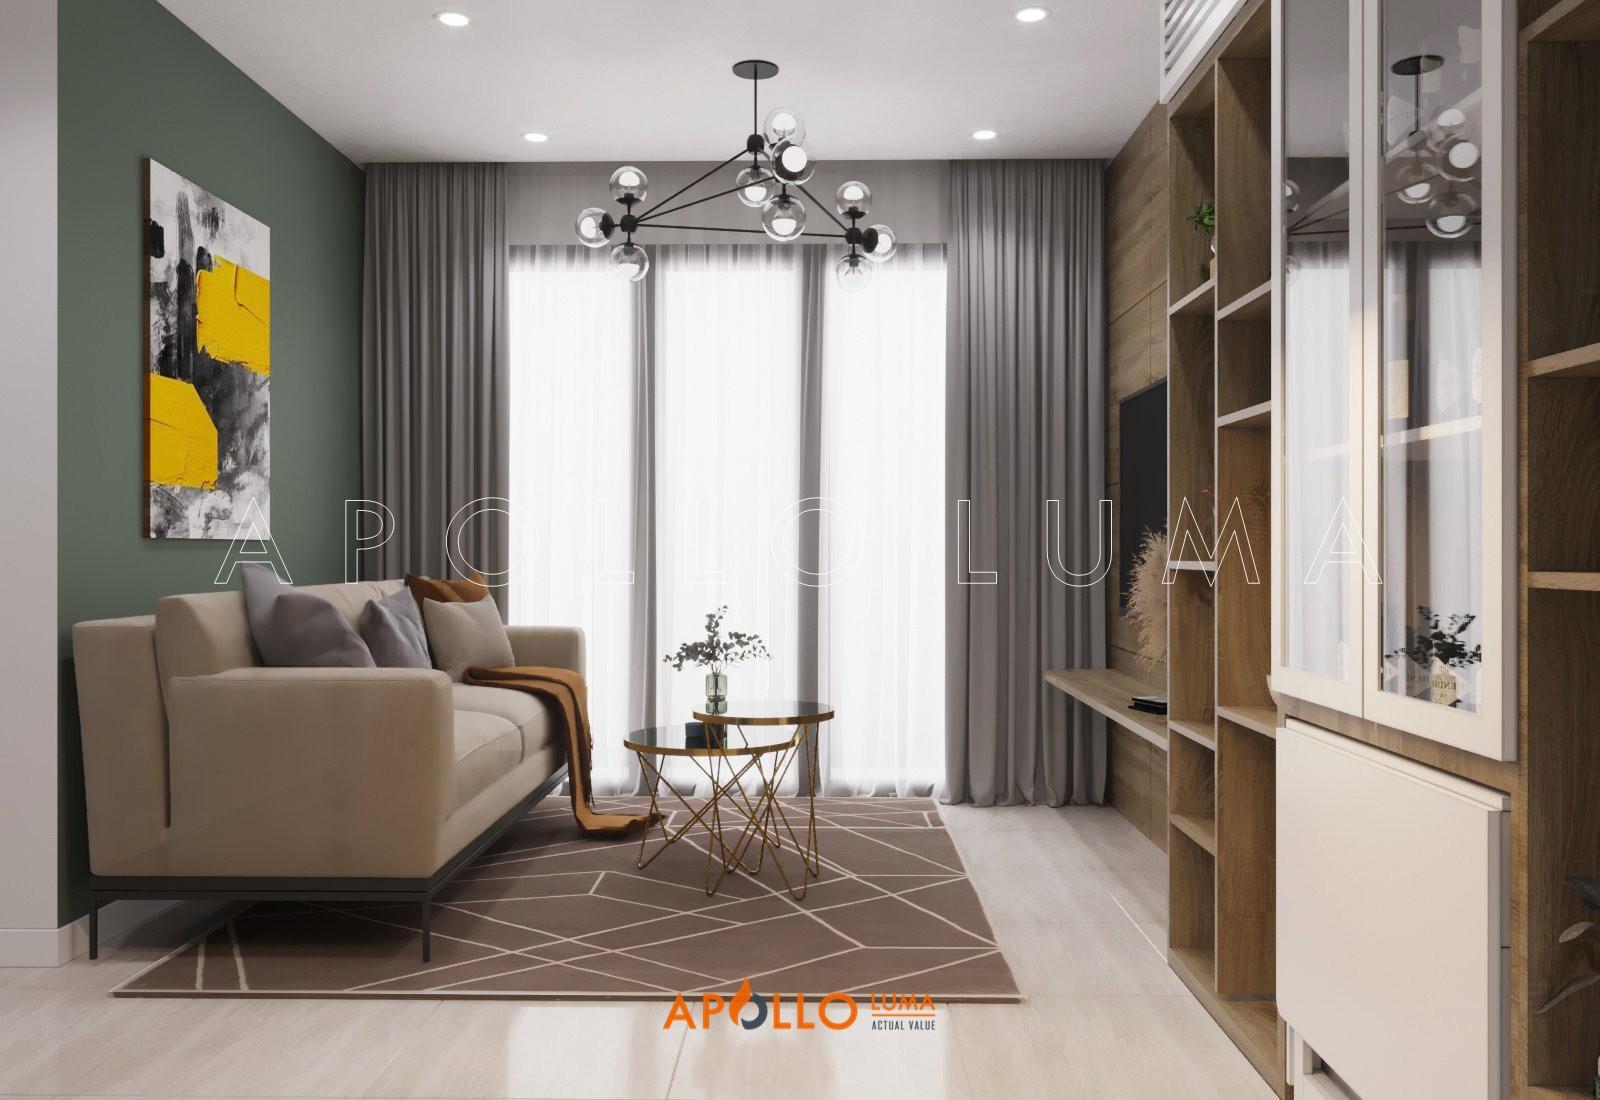 Thiết kế nội thất căn hộ 3 phòng ngủ S1.05-16 Vinhomes Ocean Park